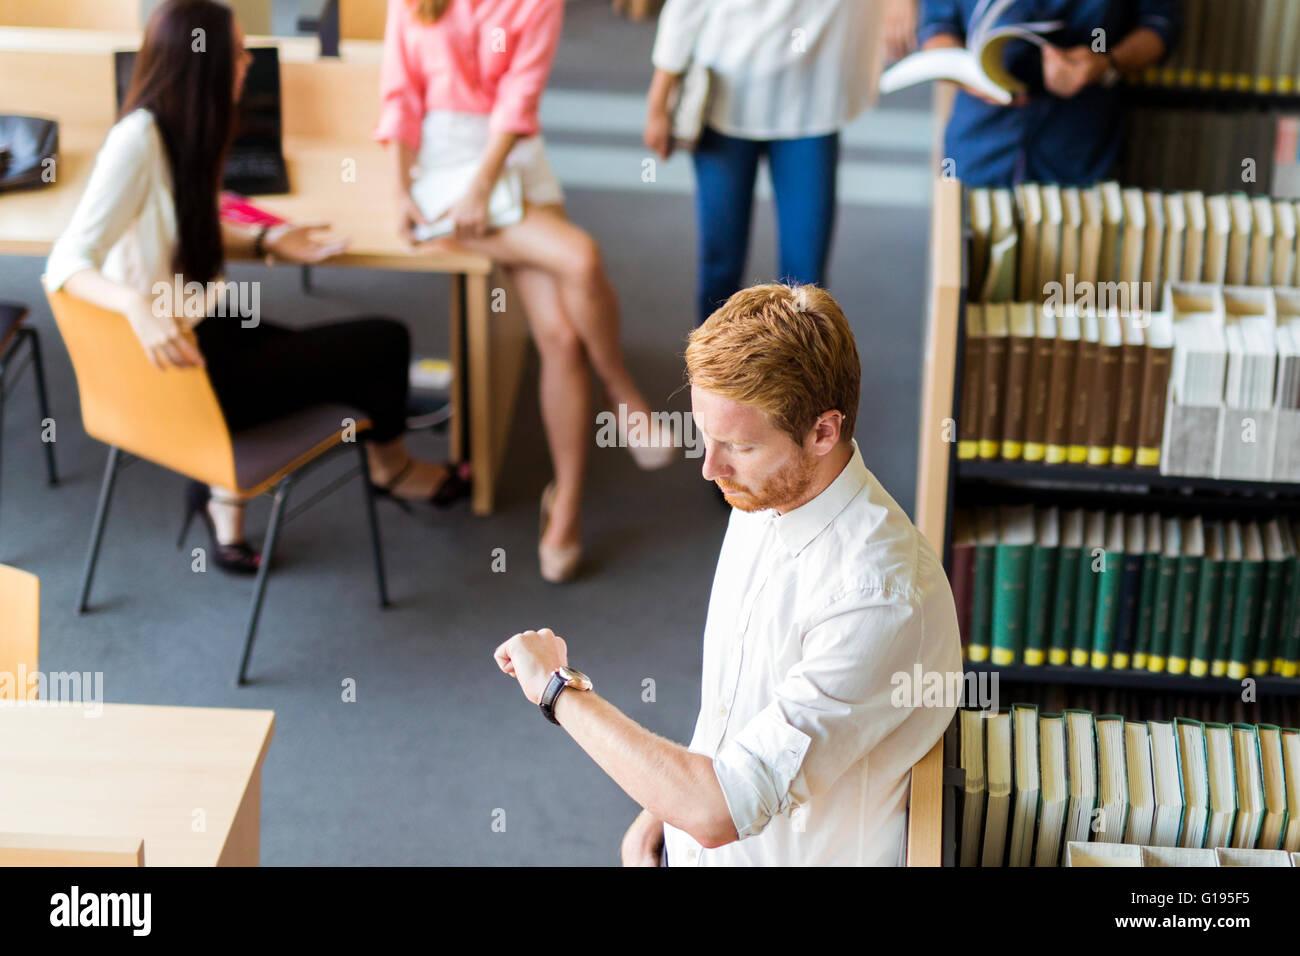 Grupo de jóvenes que se preparan para un exame en una biblioteca y no queda mucho tiempo. Fecha límite Foto de stock